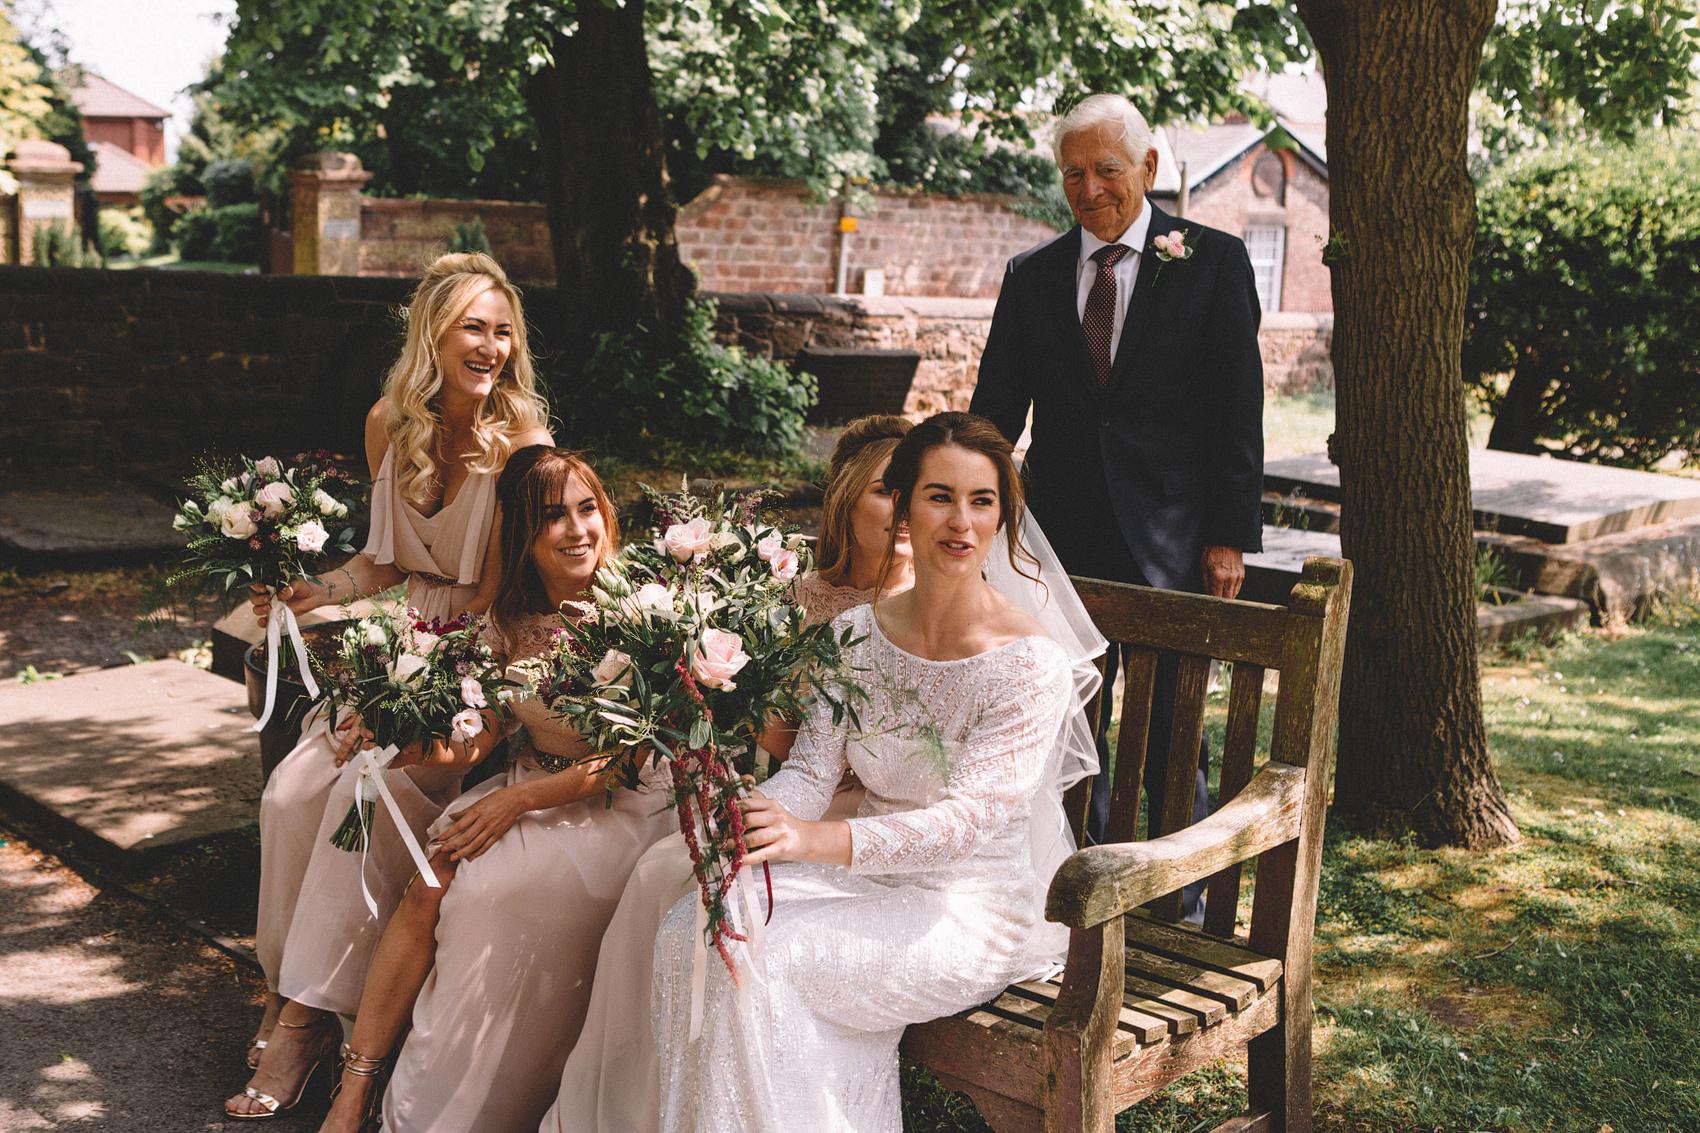 Inglewood_Manor_Wedding_Photography_-_Claire_Basiuk_Cheshire_Photographer_-_15_50.jpg